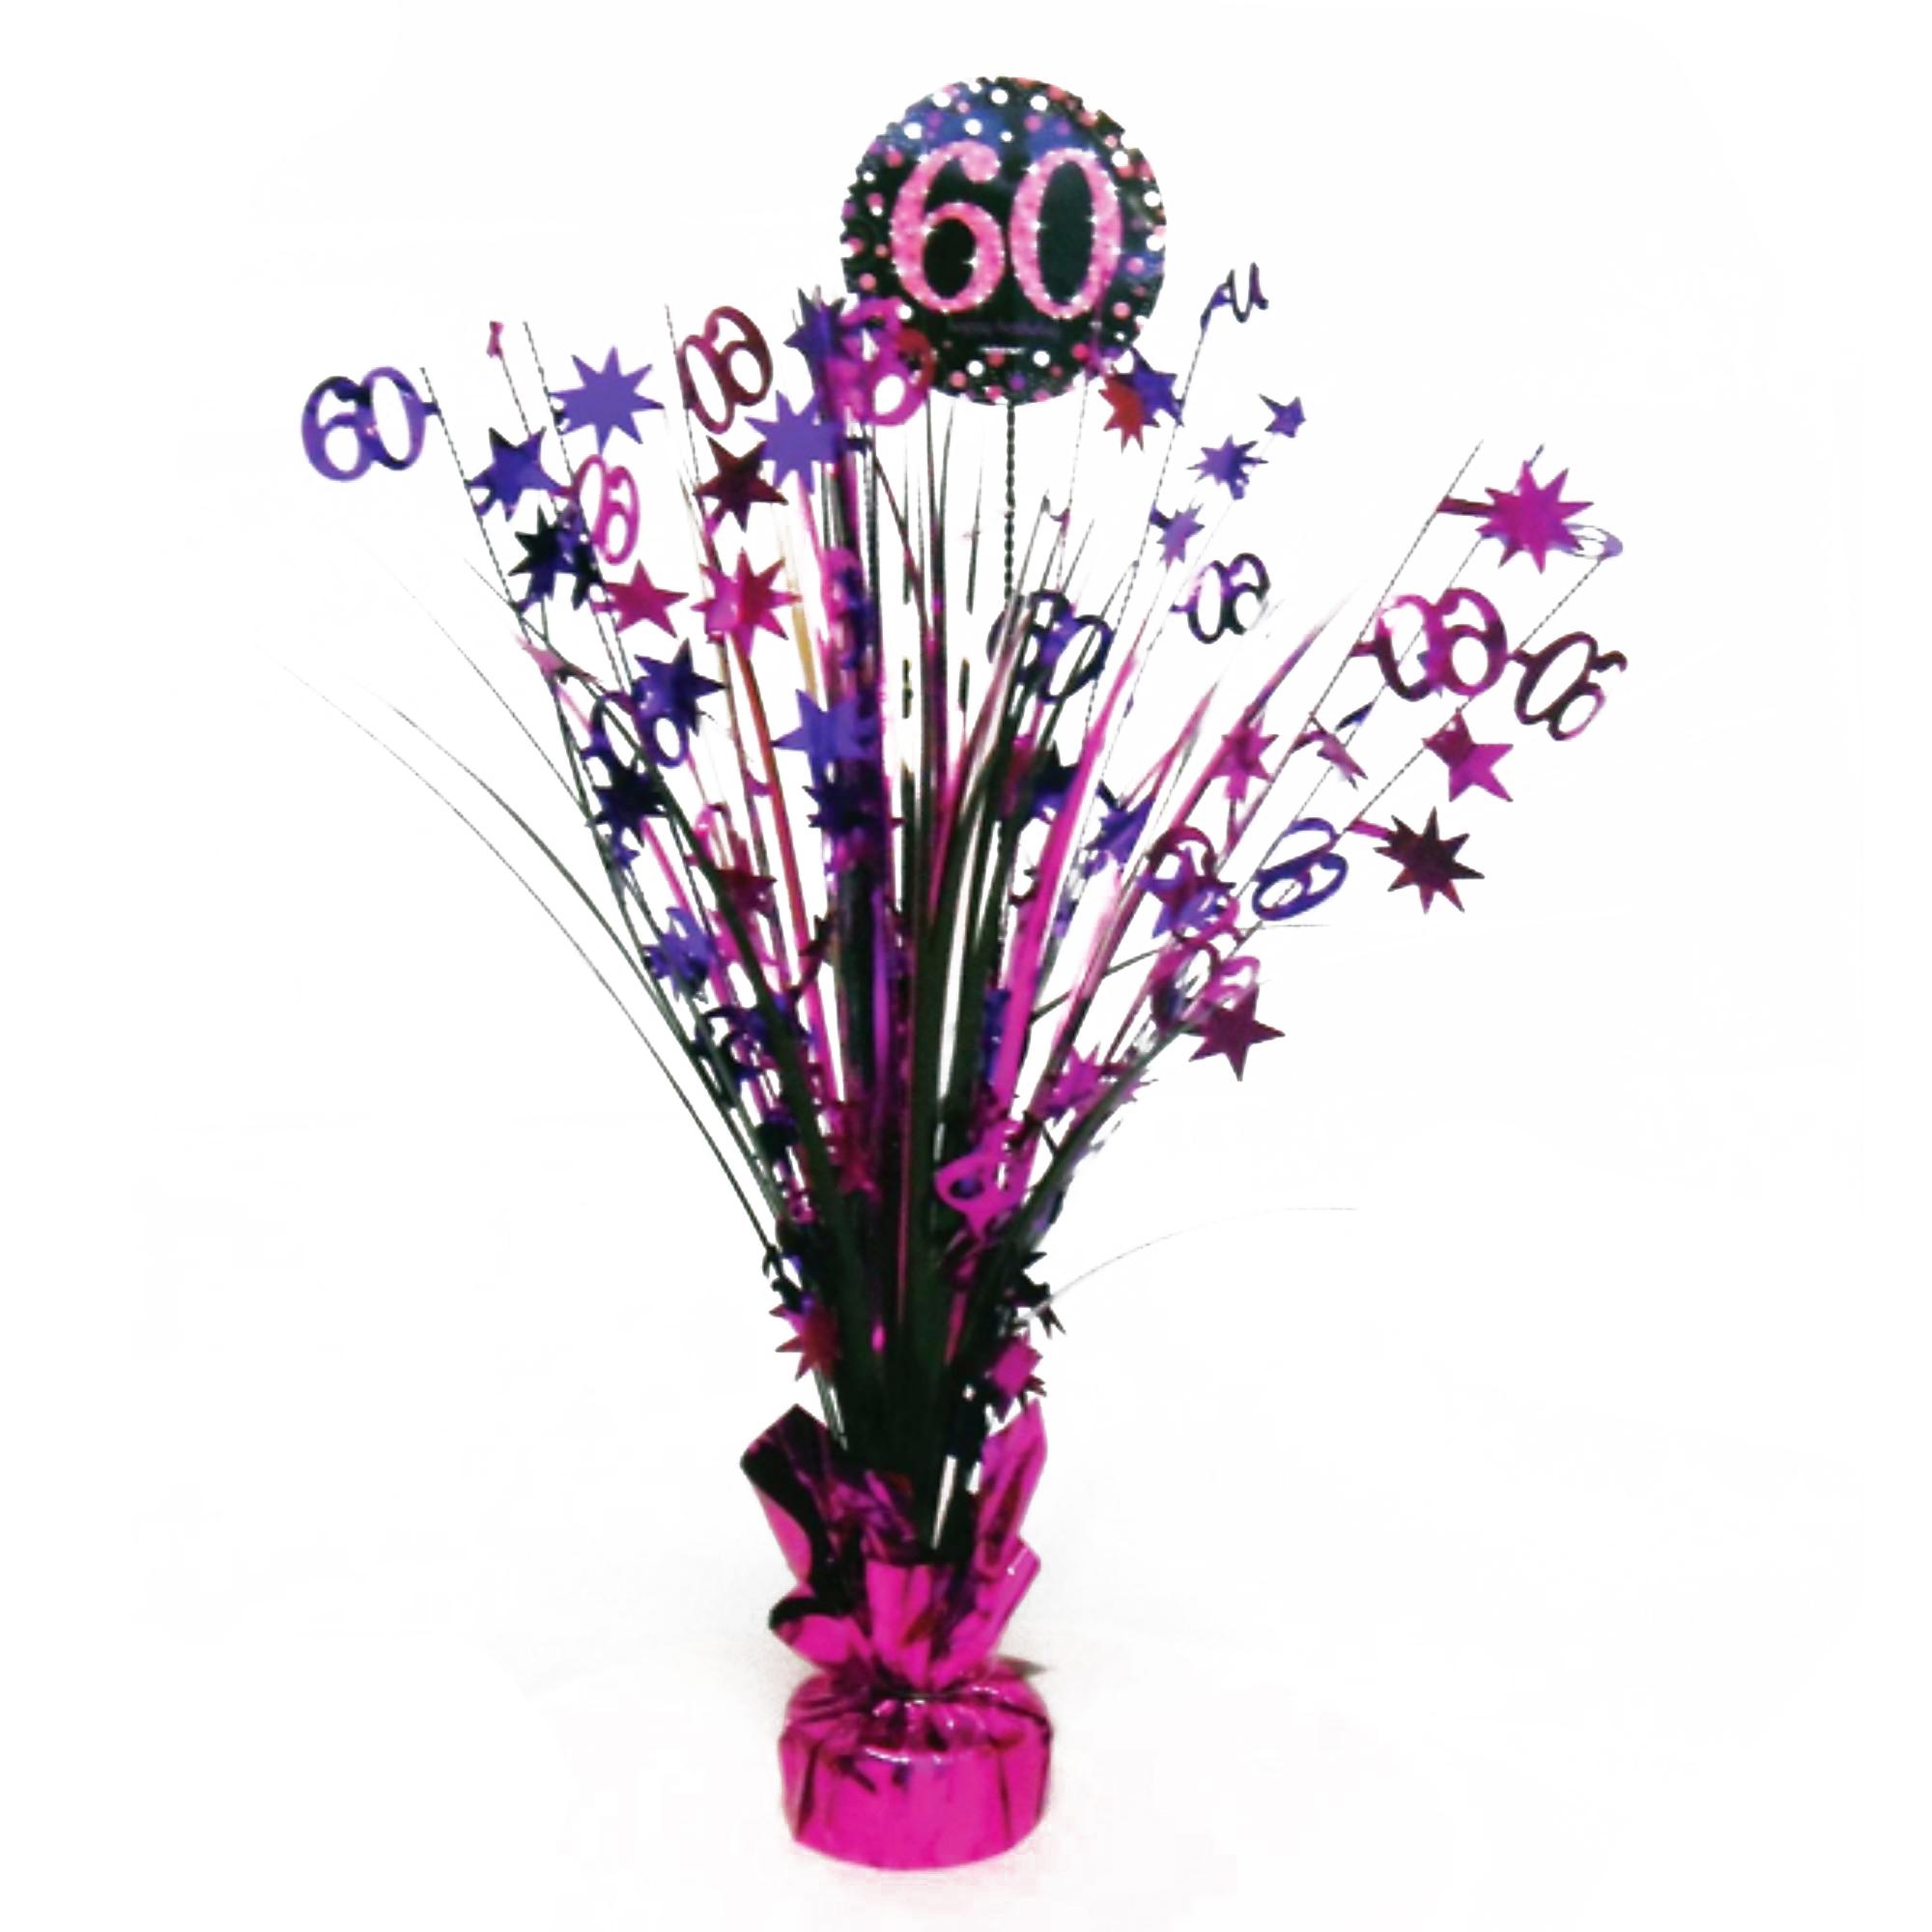 Guirnalda decorativa Amscan para celebraci/ón de 60/° cumplea/ños